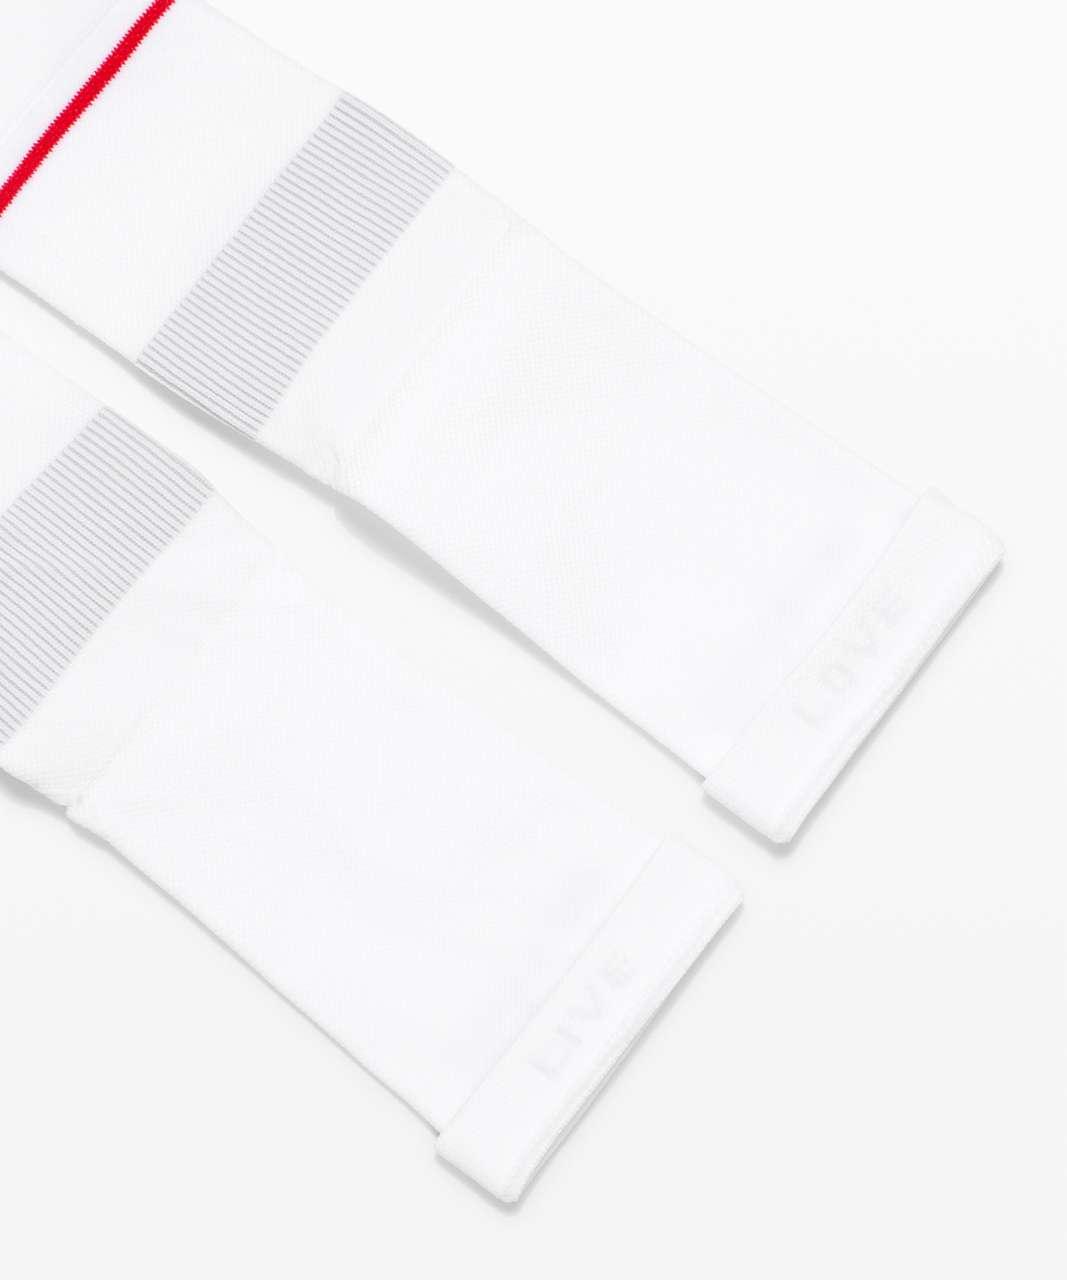 Lululemon Power Stride Crew Sock *2 Pack - White / Lulu Red